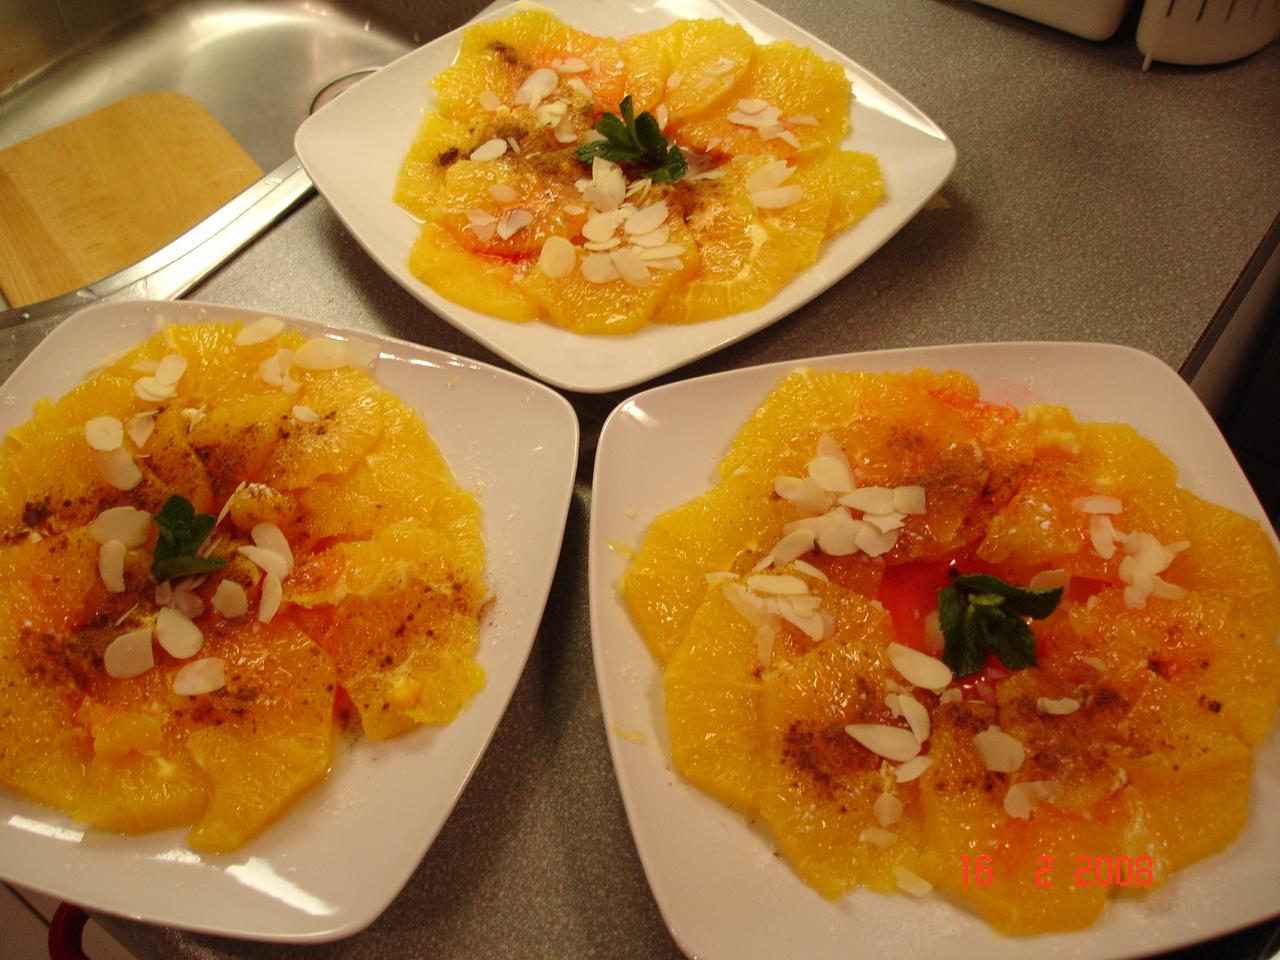 Patty fait sa cuisine salade d 39 oranges - Samantha fait sa cuisine ...